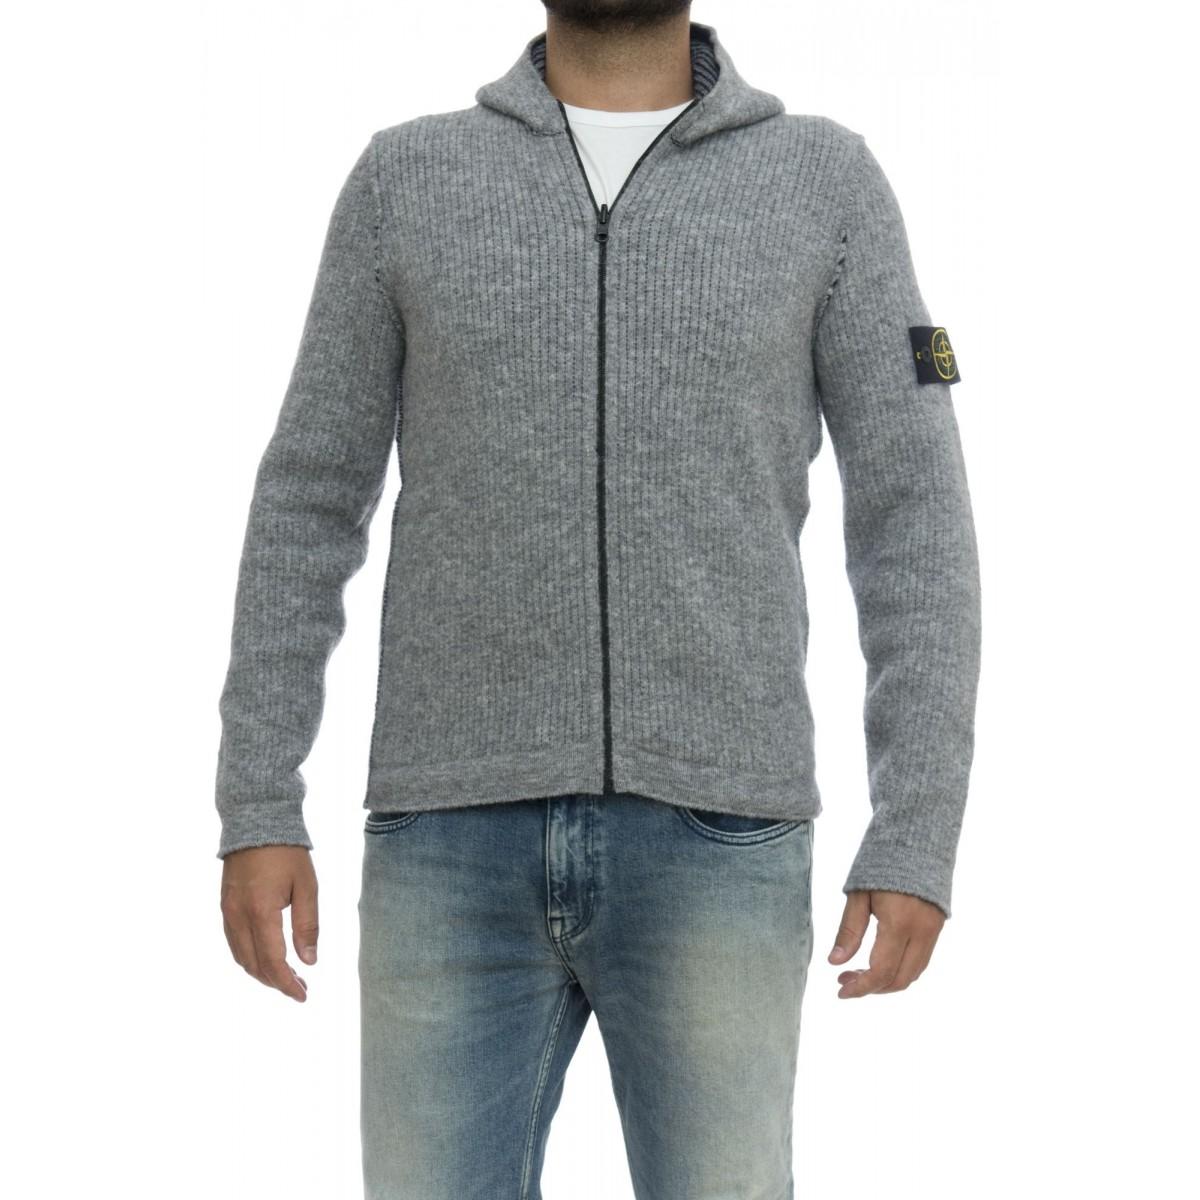 Maglia uomo - 578 maglia cappuccio reversibile 34% lana, 34% poliamide, 22% acrilica, 8% alpaca